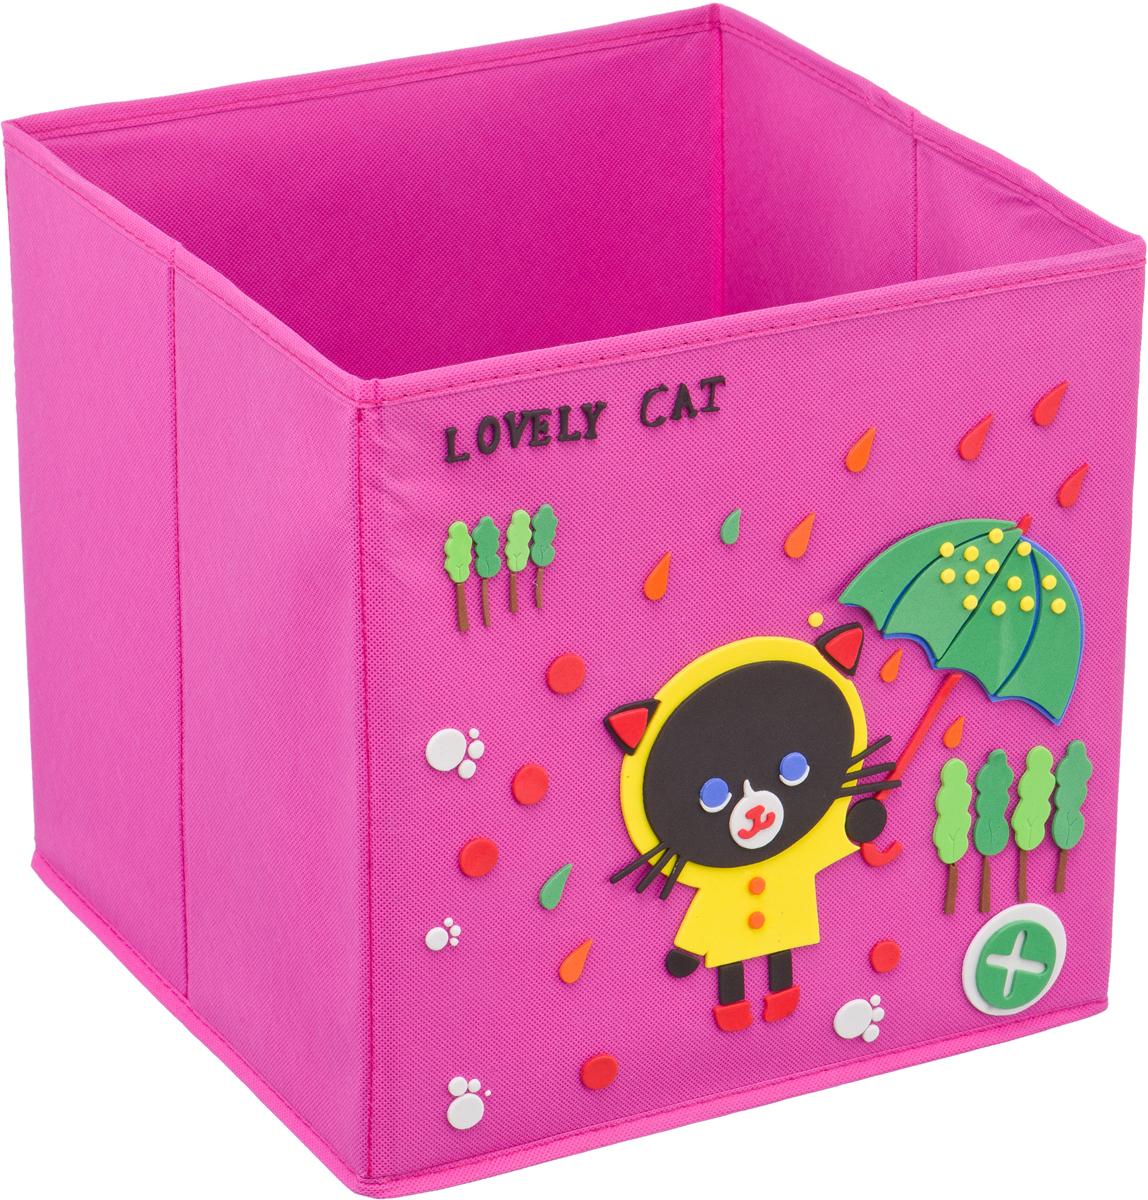 Кофр для хранения Handy Home Черный кот, с аппликацией, цвет: розовыйUC-114Кофр с аппликацией - универсальная система для домашнего хранения, которая дополняется интересной аппликацией с эксклюзивным и веселым детским дизайном для оформления фронтальной стороны короба. Комплект представляет собой складной короб из нетканого материала и картона, плюс самоклеящаяся аппликация из полимера, которую необходимо самому собрать в картину.Соберите всю увлекательную коллекцию у себя дома.